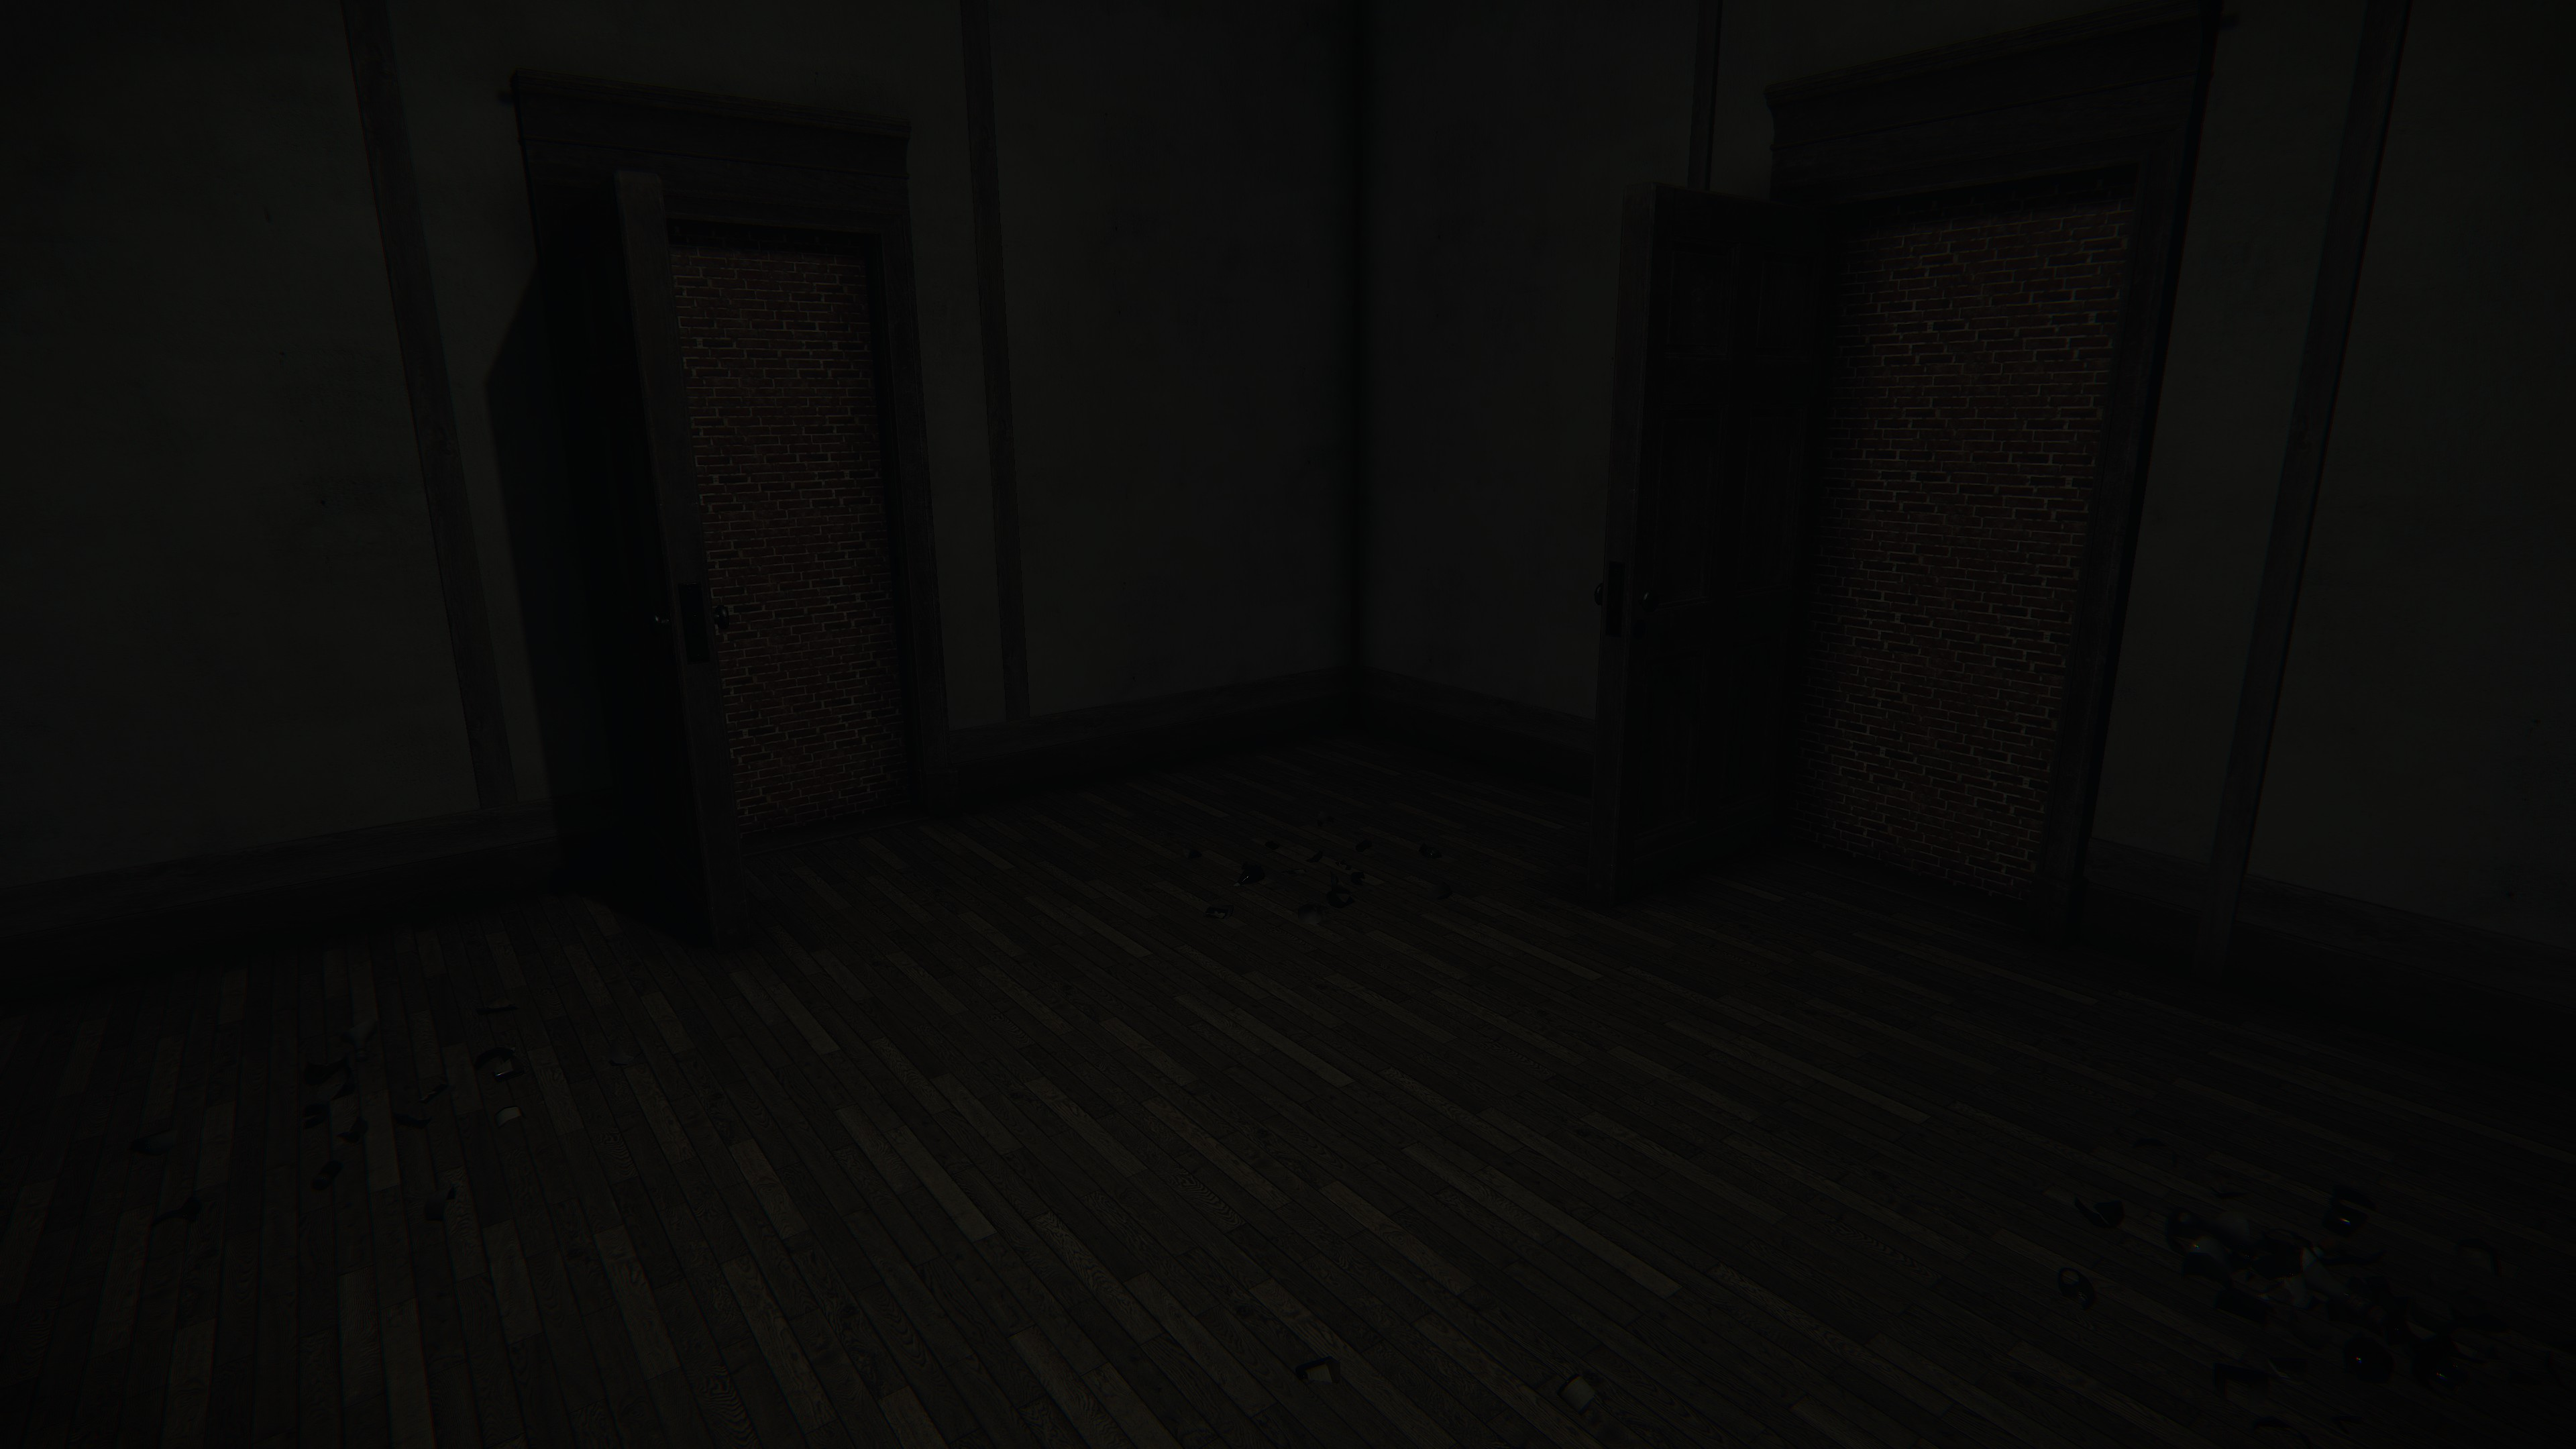 20171021132615_1.jpg